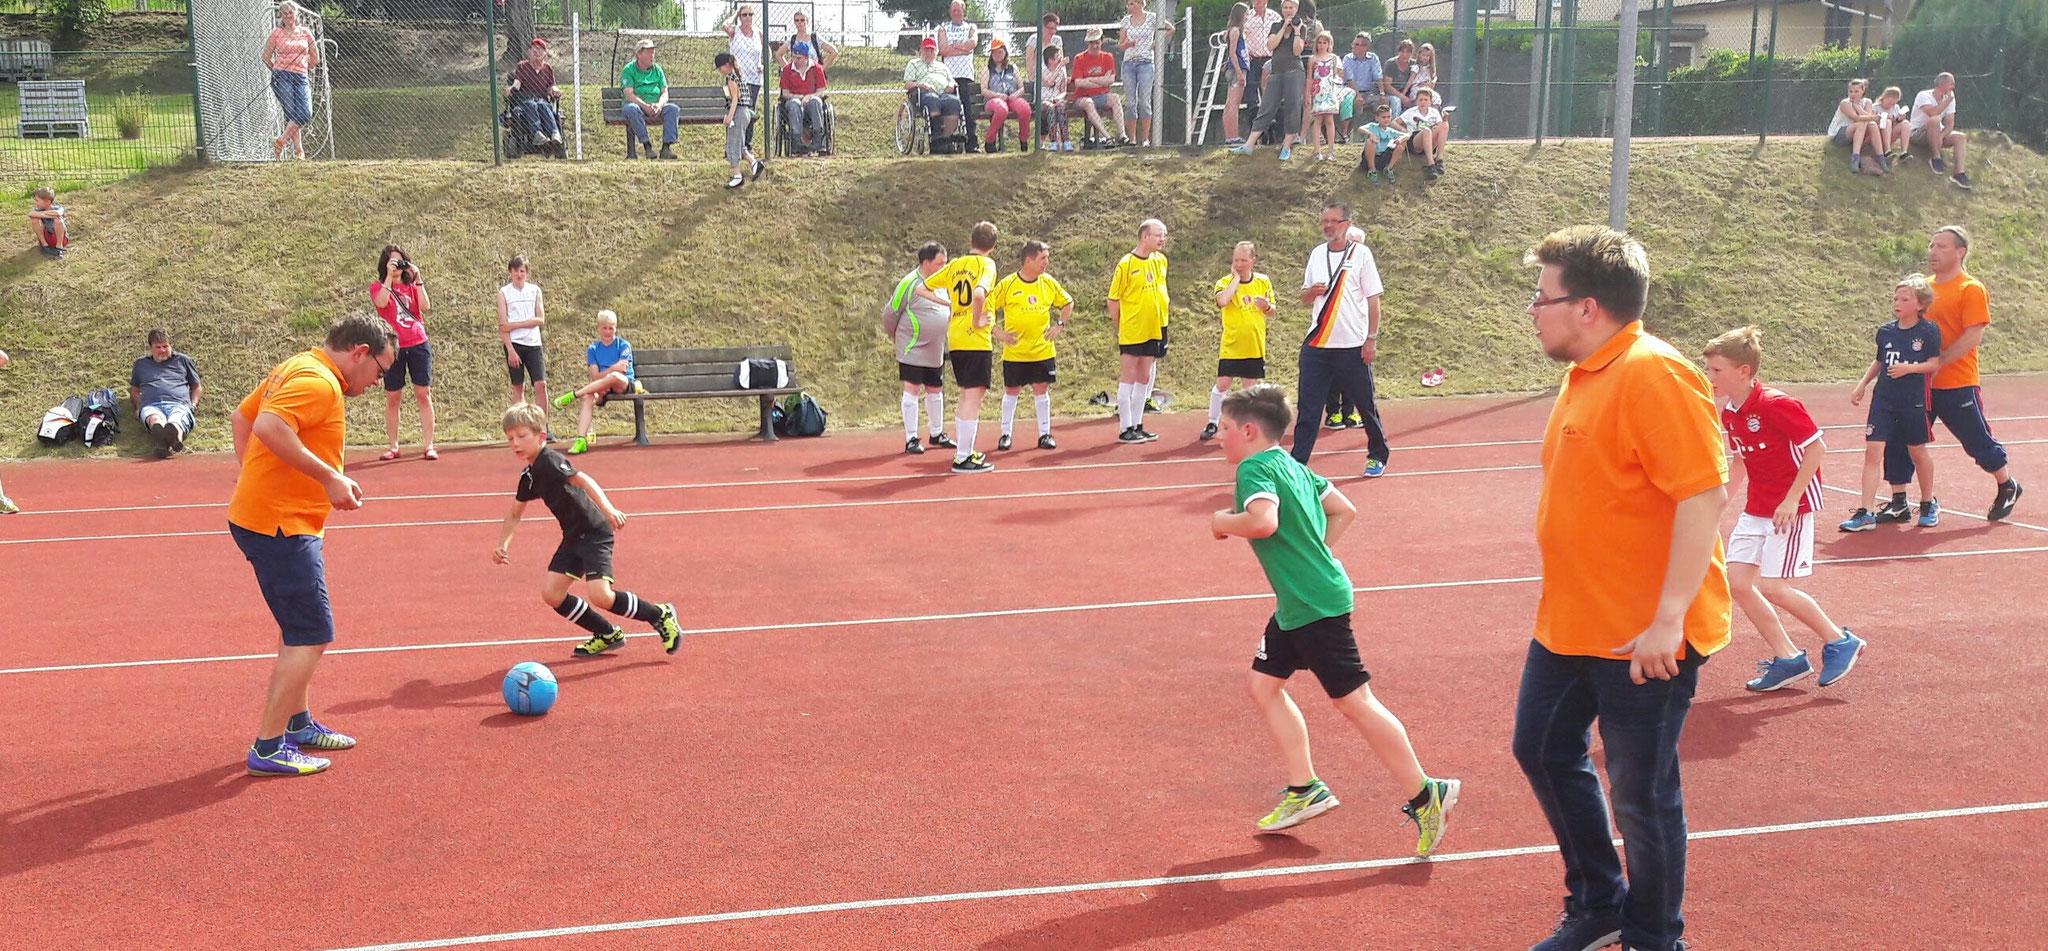 Anpfiff! Mit einem Fussballturnier auf dem Tennisplatz geht es nun los. Pünktlich 18:00 Uhr erfolgt dann die Eröffnung des Festes auf dem Schulhof inkl. Siegerehrung.